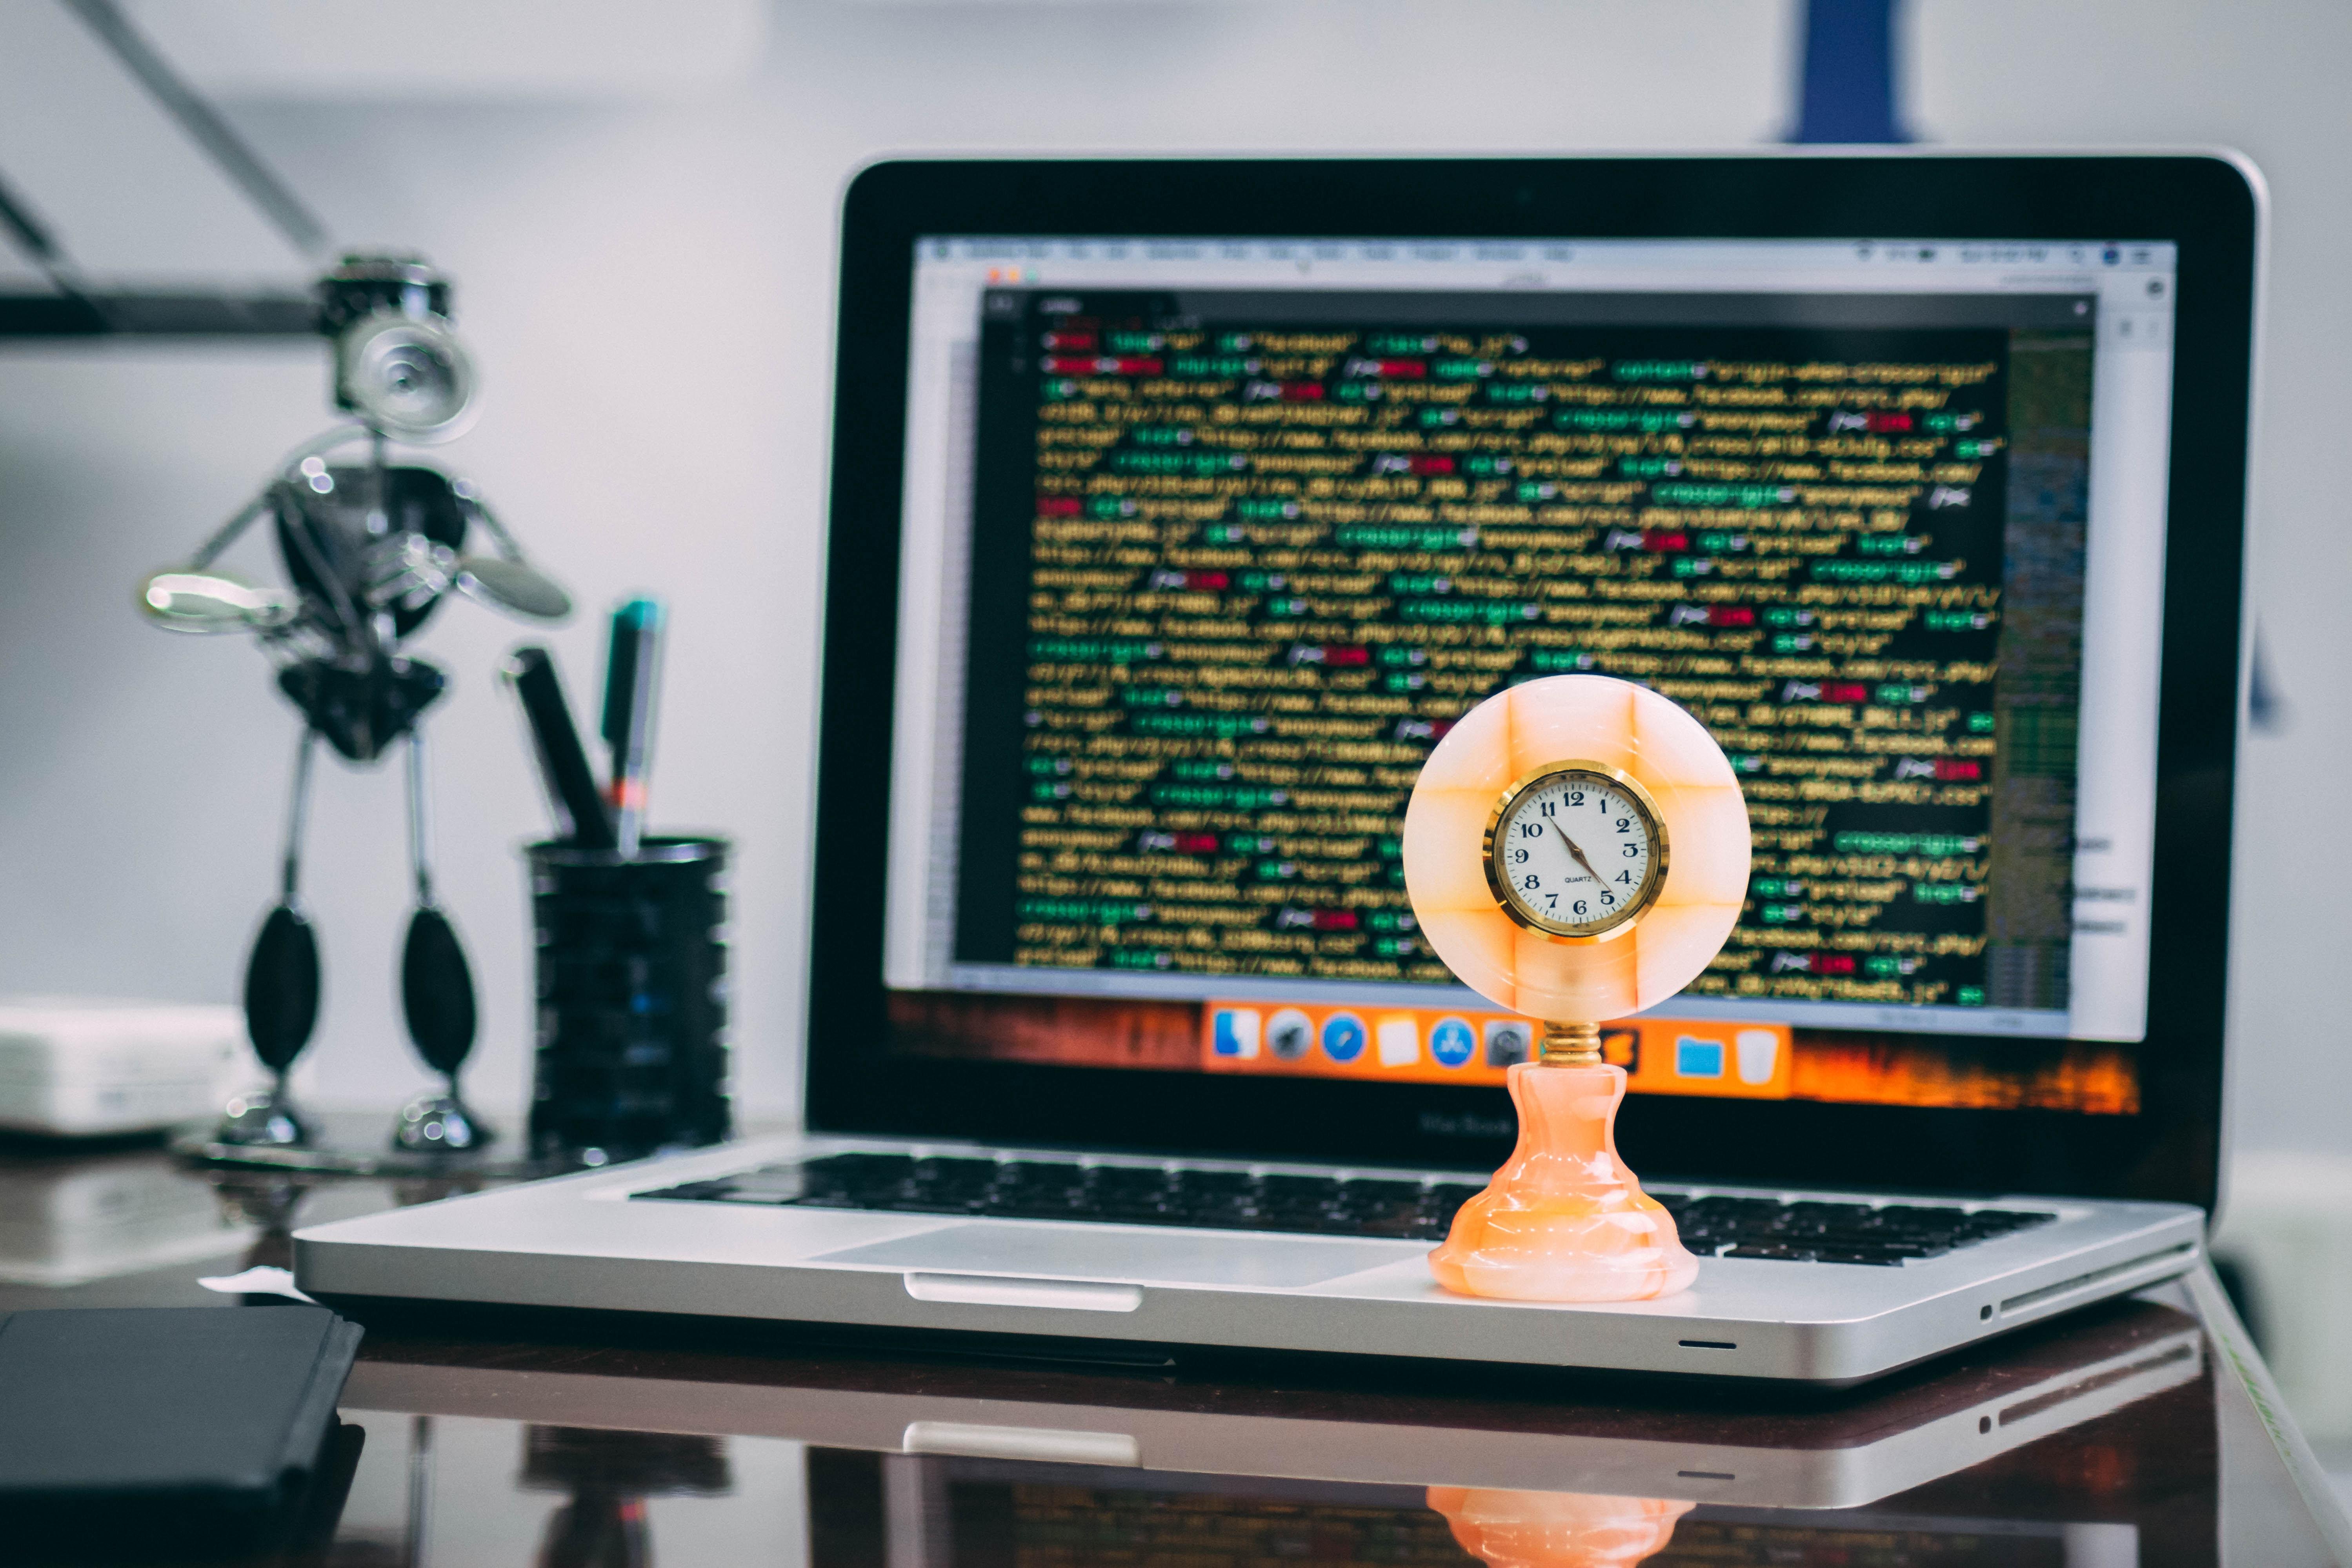 Ataques de malware pueden costarle hasta 2.5 mdd a las empresas